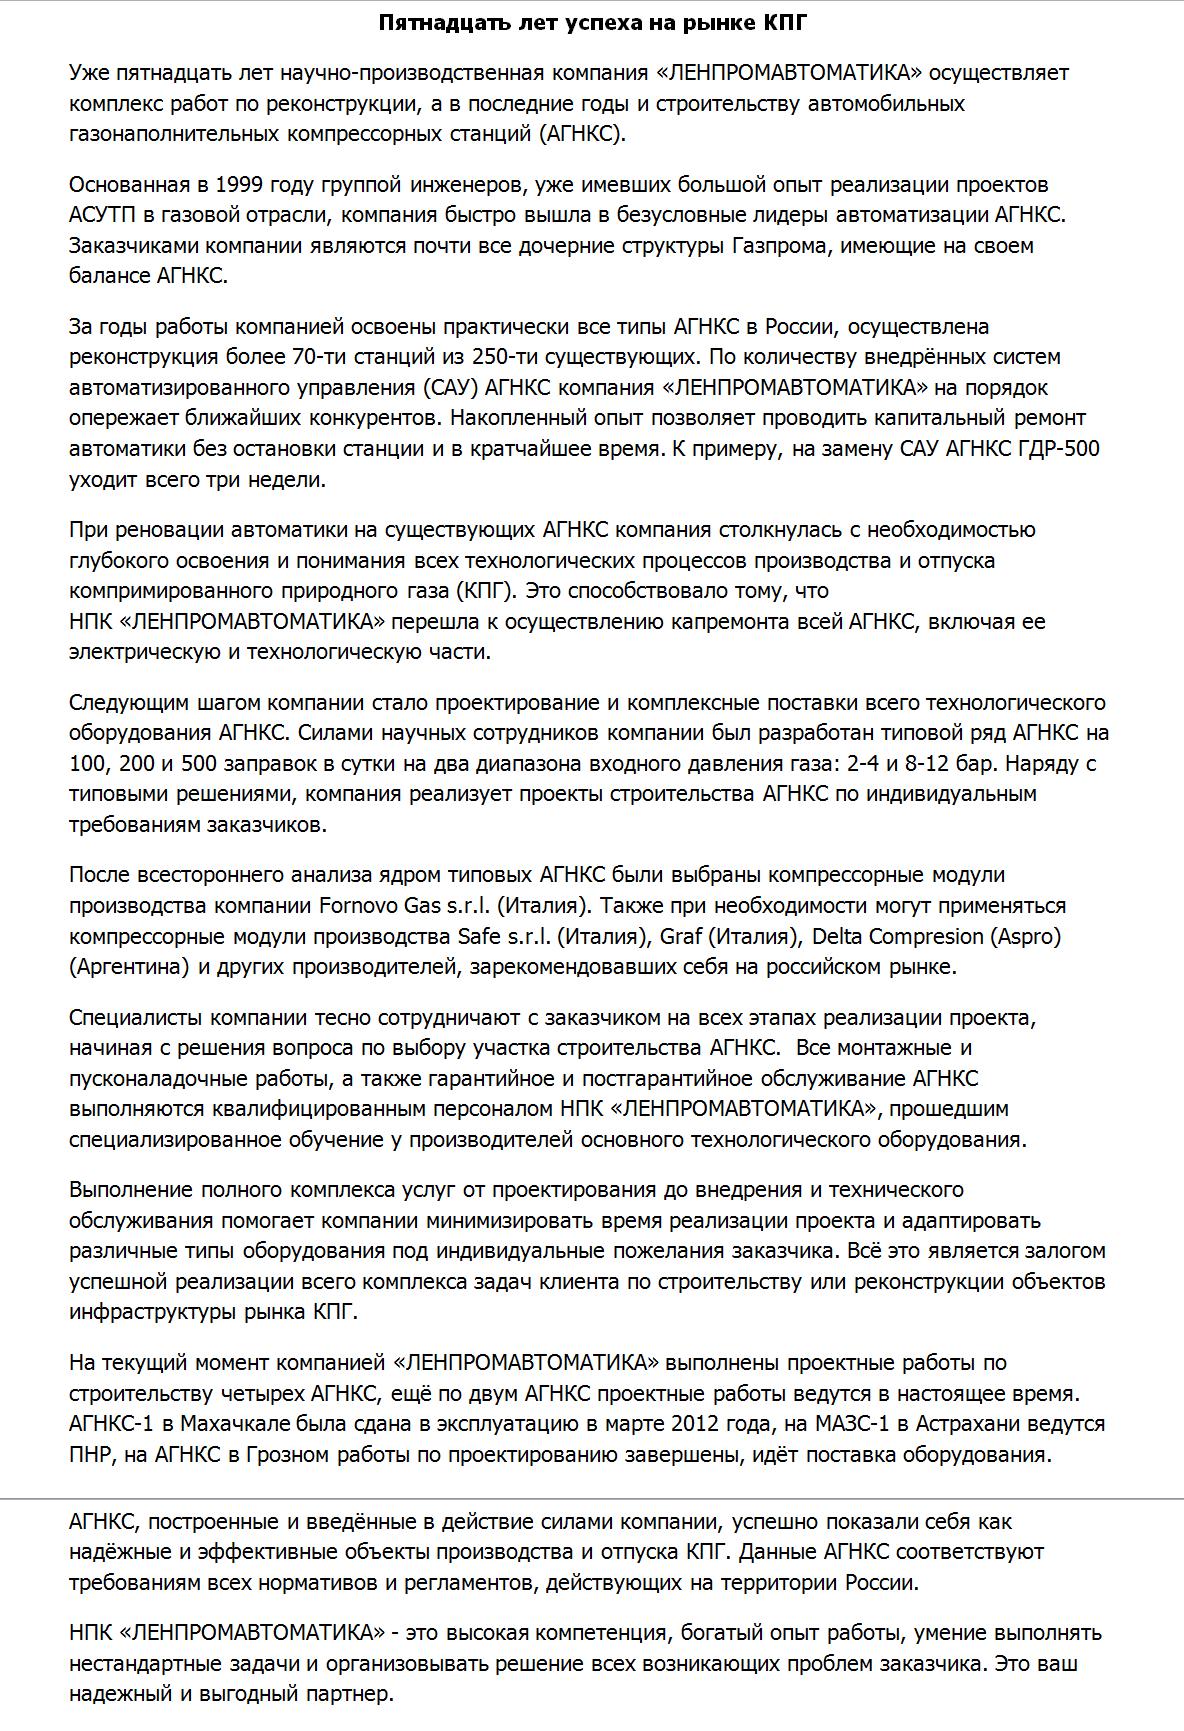 """Статья в отраслевой журнал, посвящённая пятнадцатилетию НПК """"Ленпромавтоматика"""""""